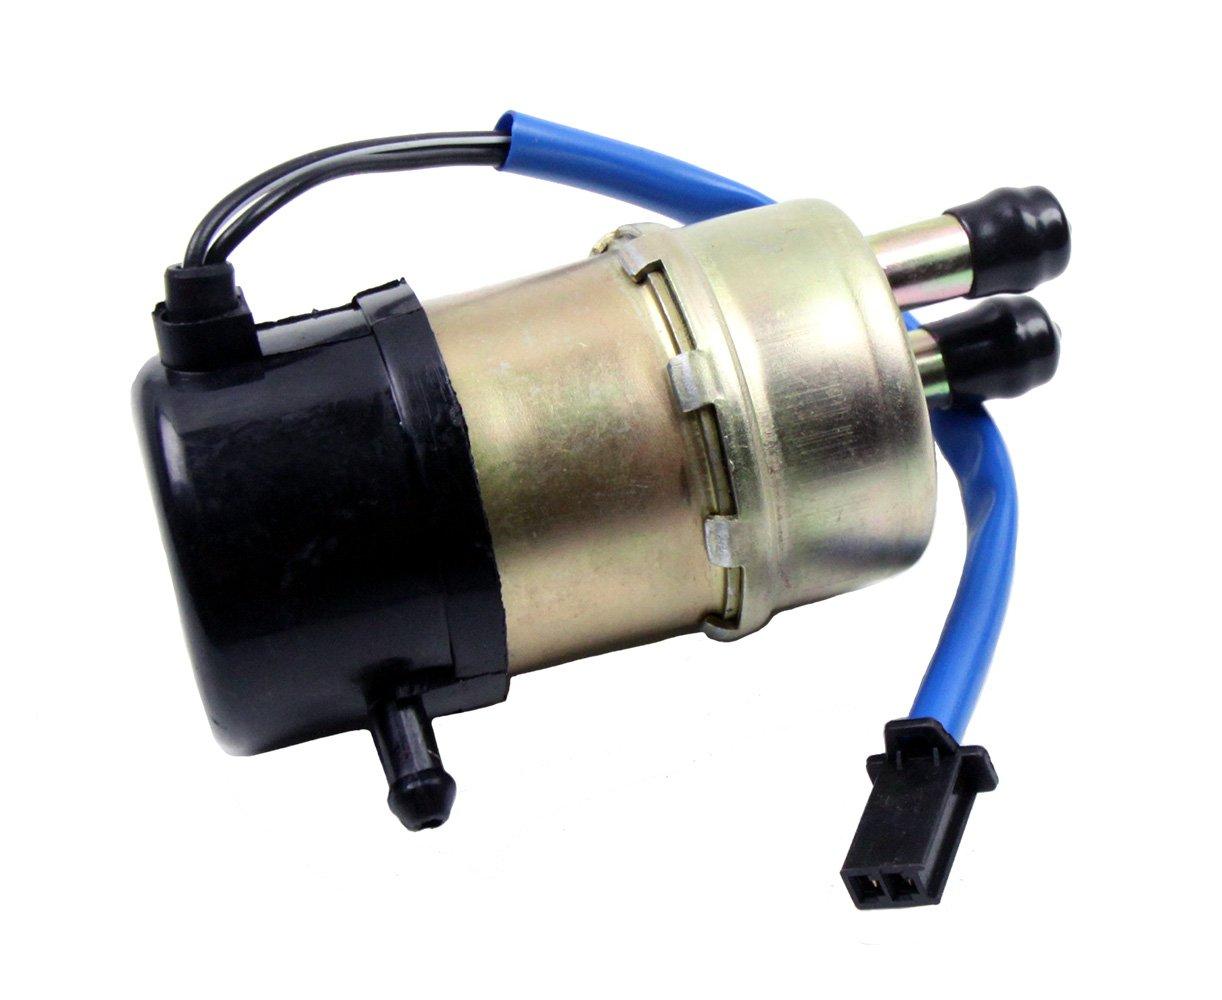 Amazon.com: SUNDELY 12V Heavy Duty Metal Fuel Pump for Kawasaki Ninja ZX6  ZX6R ZX7 ZX7R ZX9R ZX11 ZZR600: Automotive